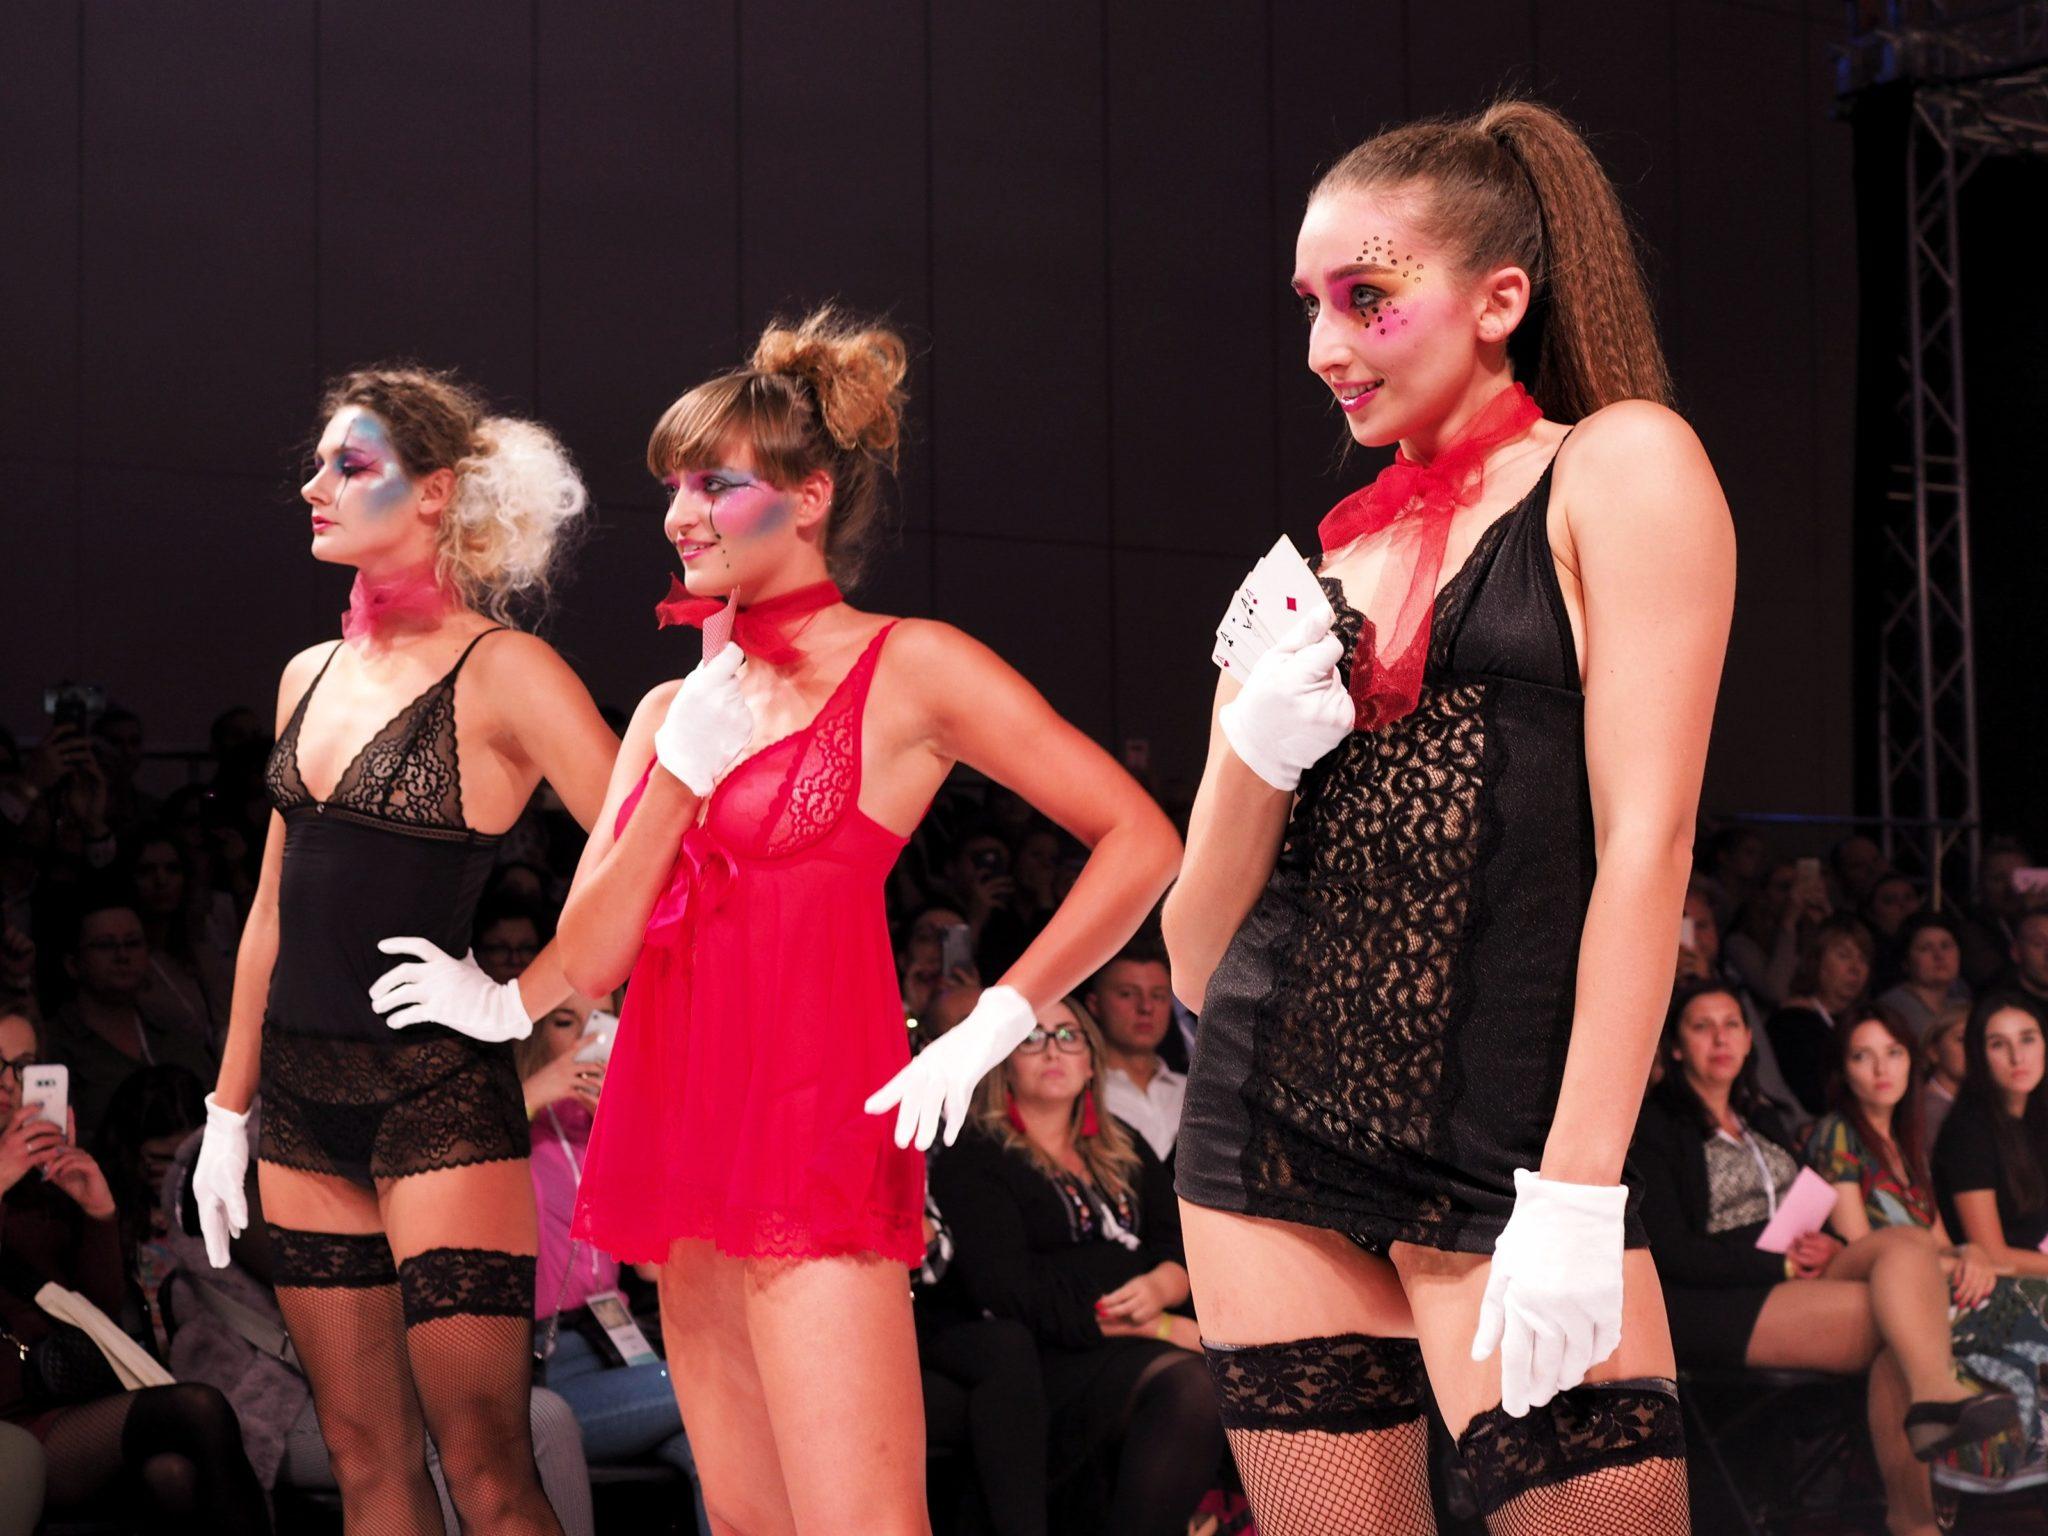 trzy szczupłe modelki pozują w koszulkach nocnych z czerwonymi chusteczkami na szyi, w białych rekawiczkach i z taliami kart w rękach